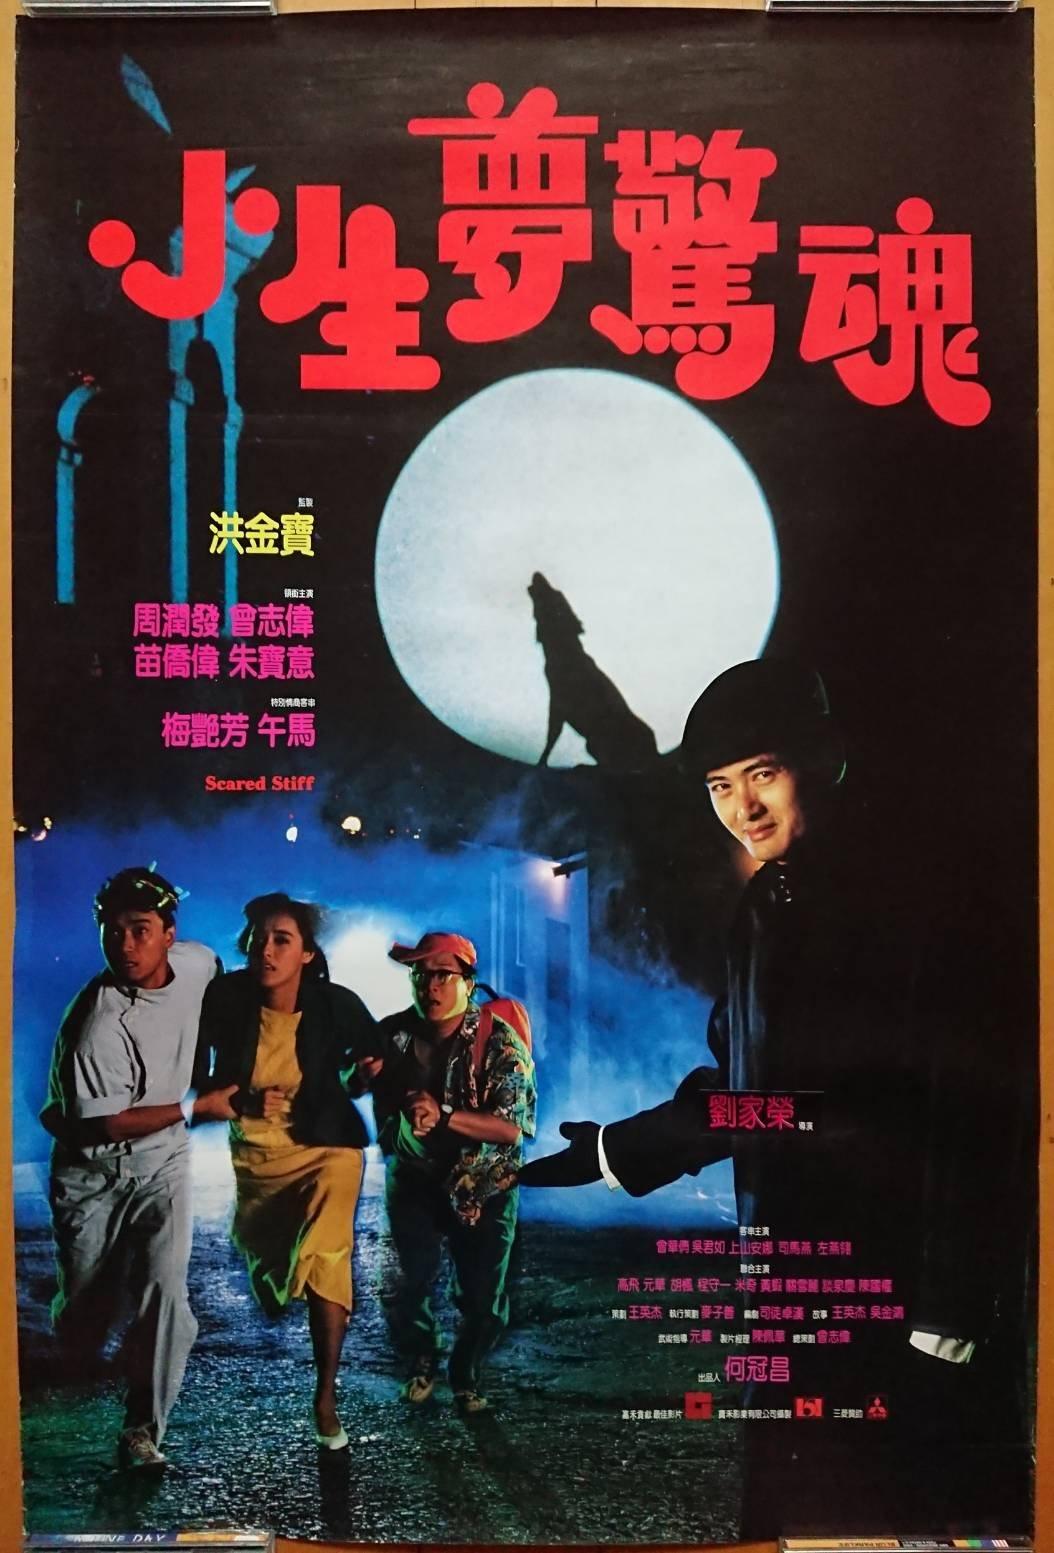 小生夢驚魂 (Scared Stiff) - 周潤發 梅艷芳 苗僑偉 - 香港原版電影海報 (1987年)